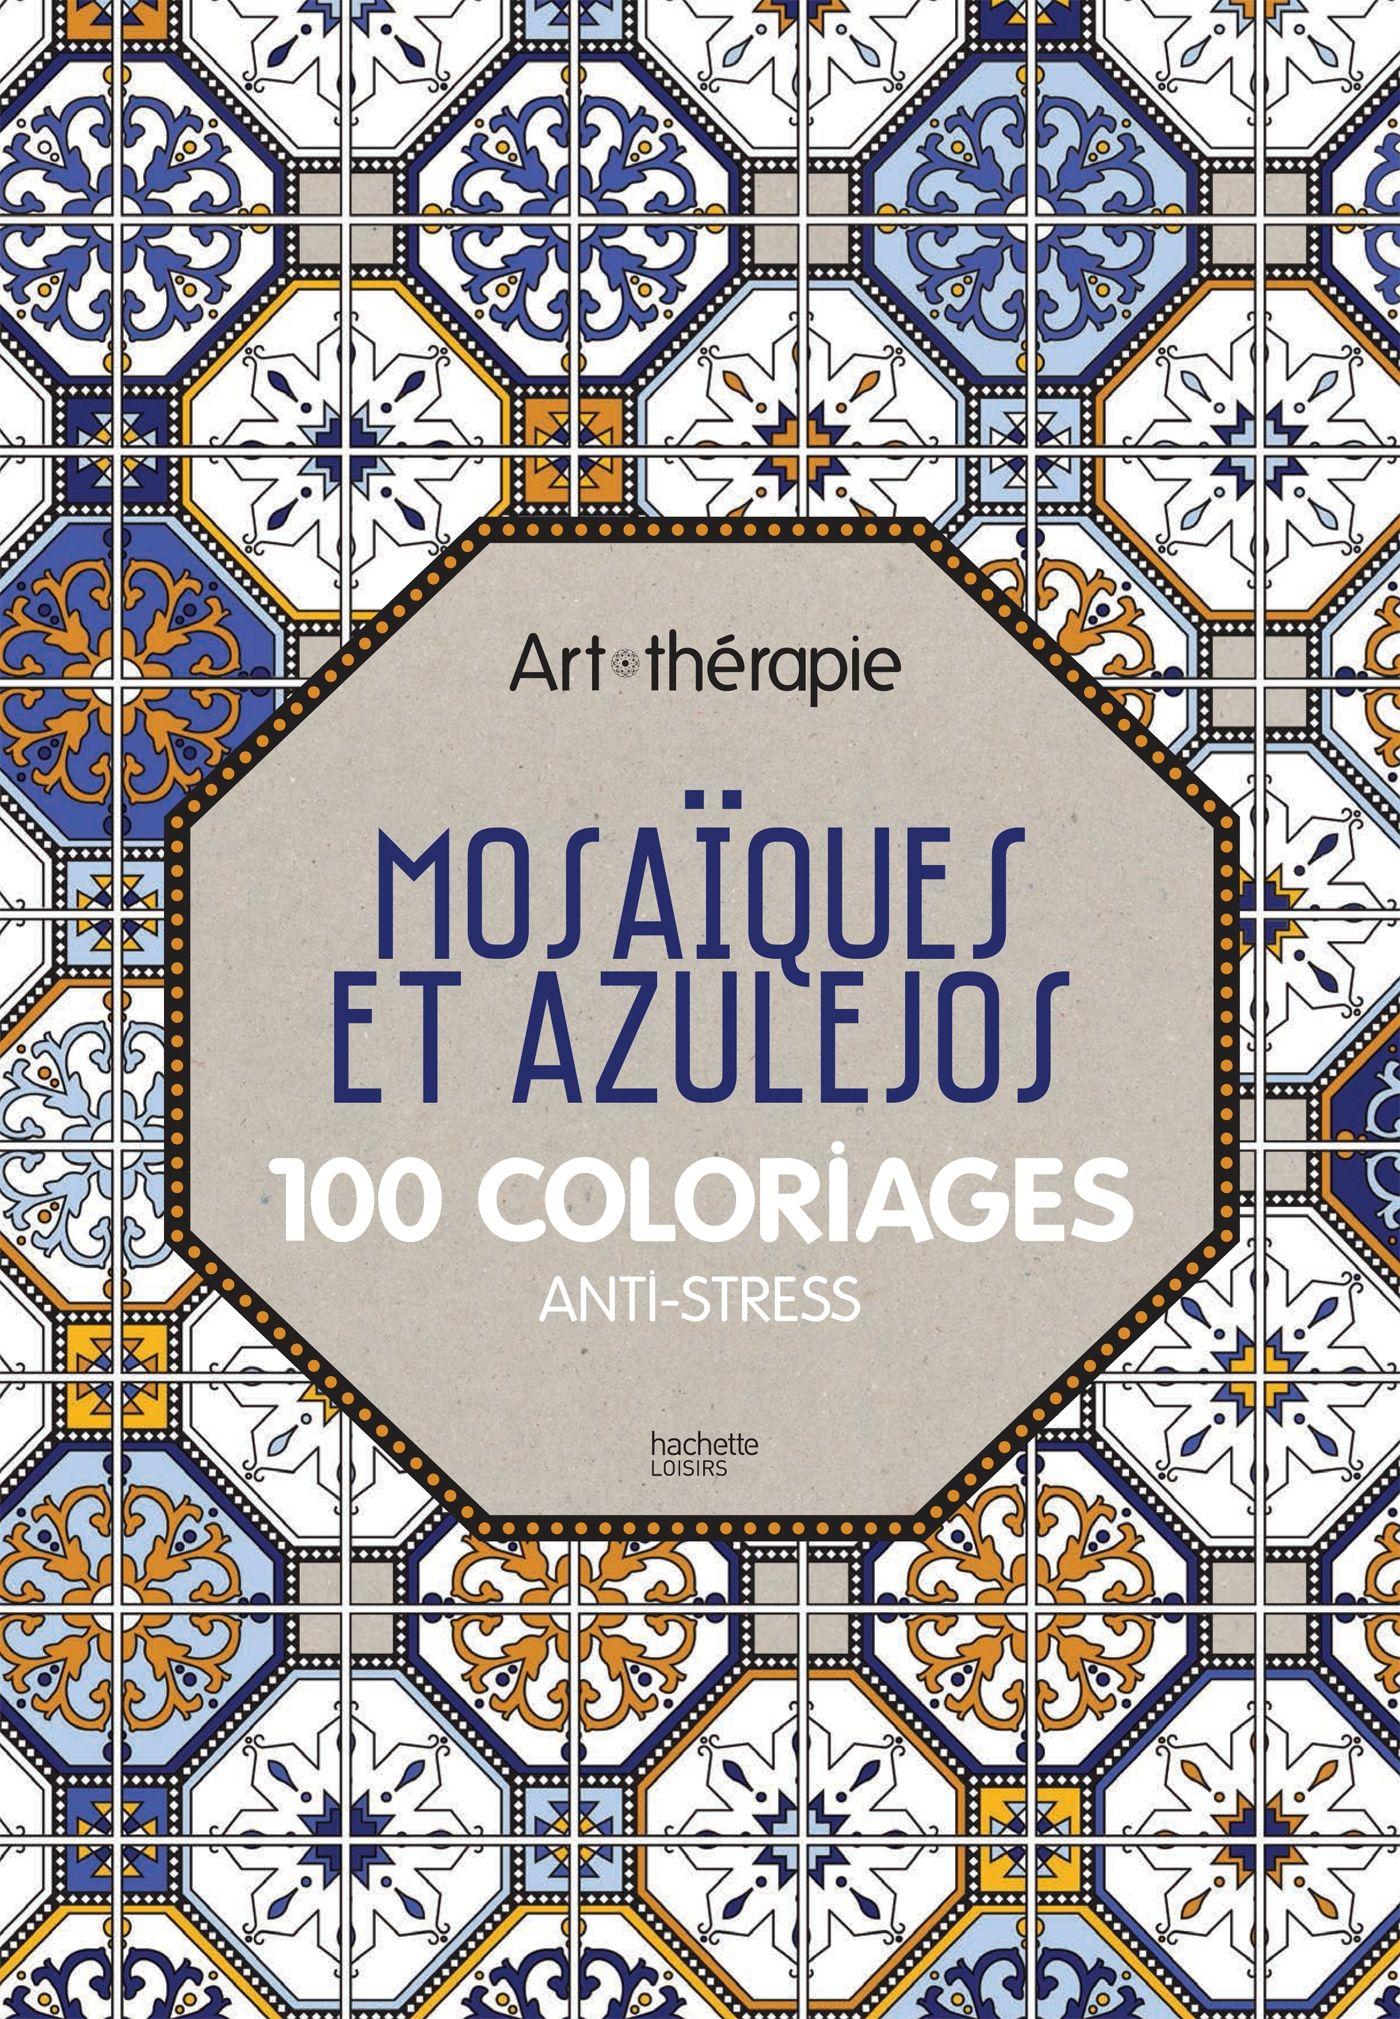 Mosa¯ques et azulejos 100 coloriages anti stress Mosa¯ques romaines qui mettent en valeur les couleurs